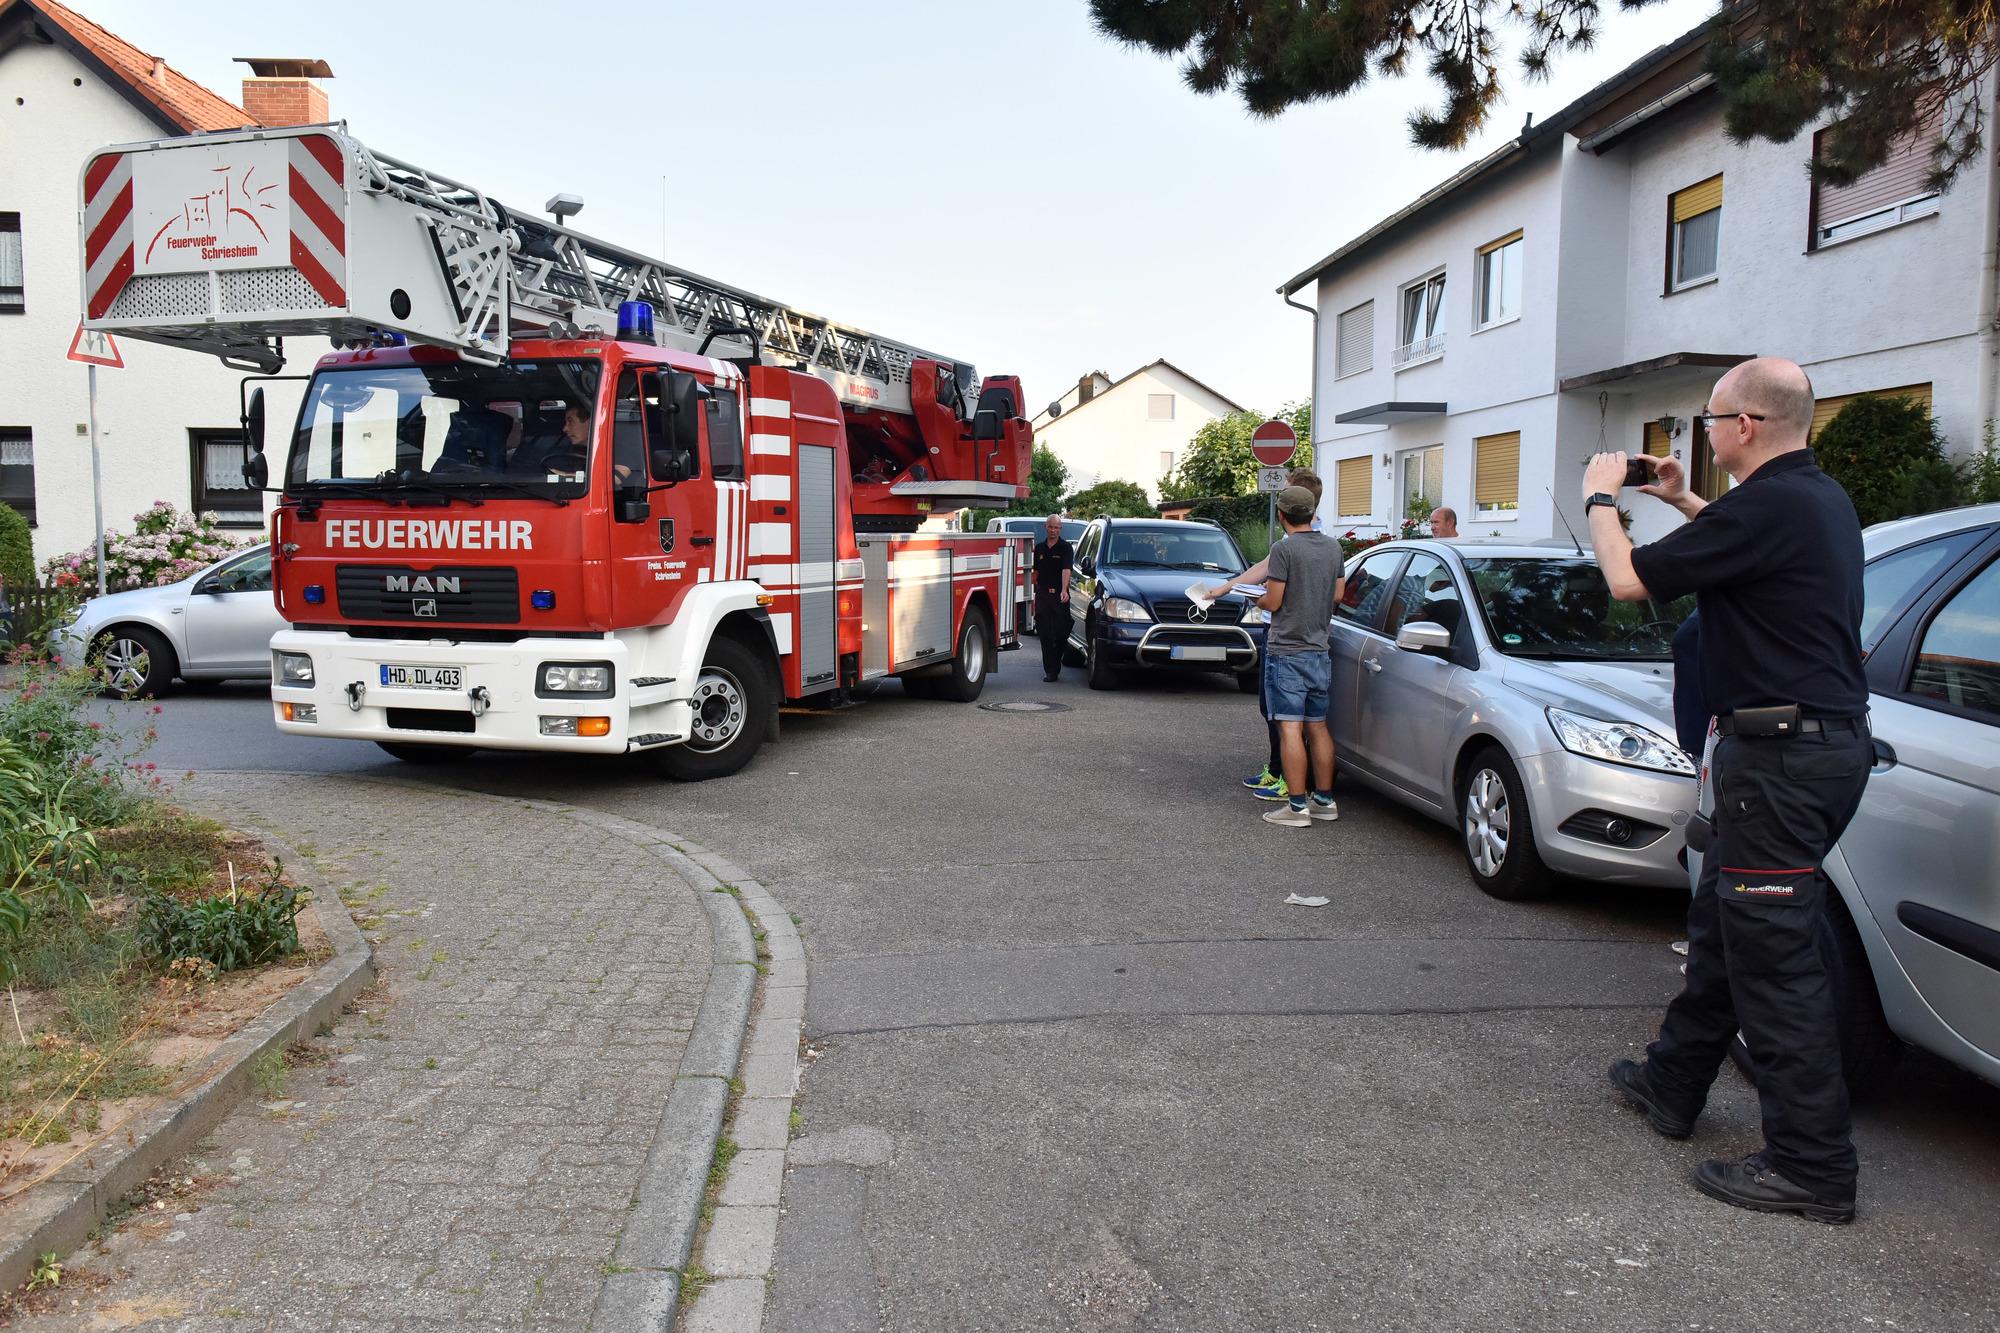 Schriesheim: Weil im Notfall für die Feuerwehr jede Sekunde zählt ...